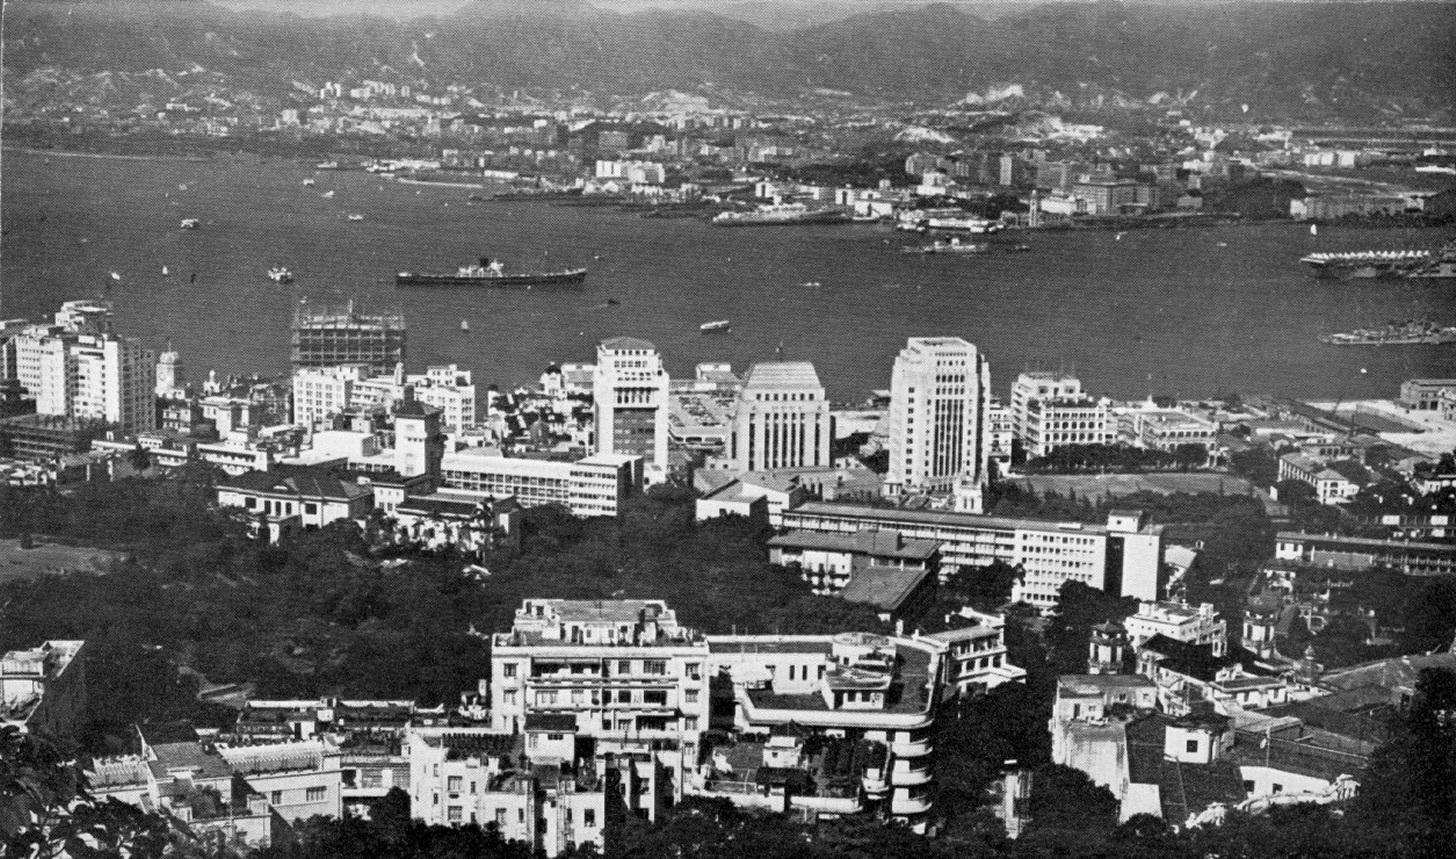 Hong Kong in 1960: zicht vanaf Kowloon op Hong Kong Island